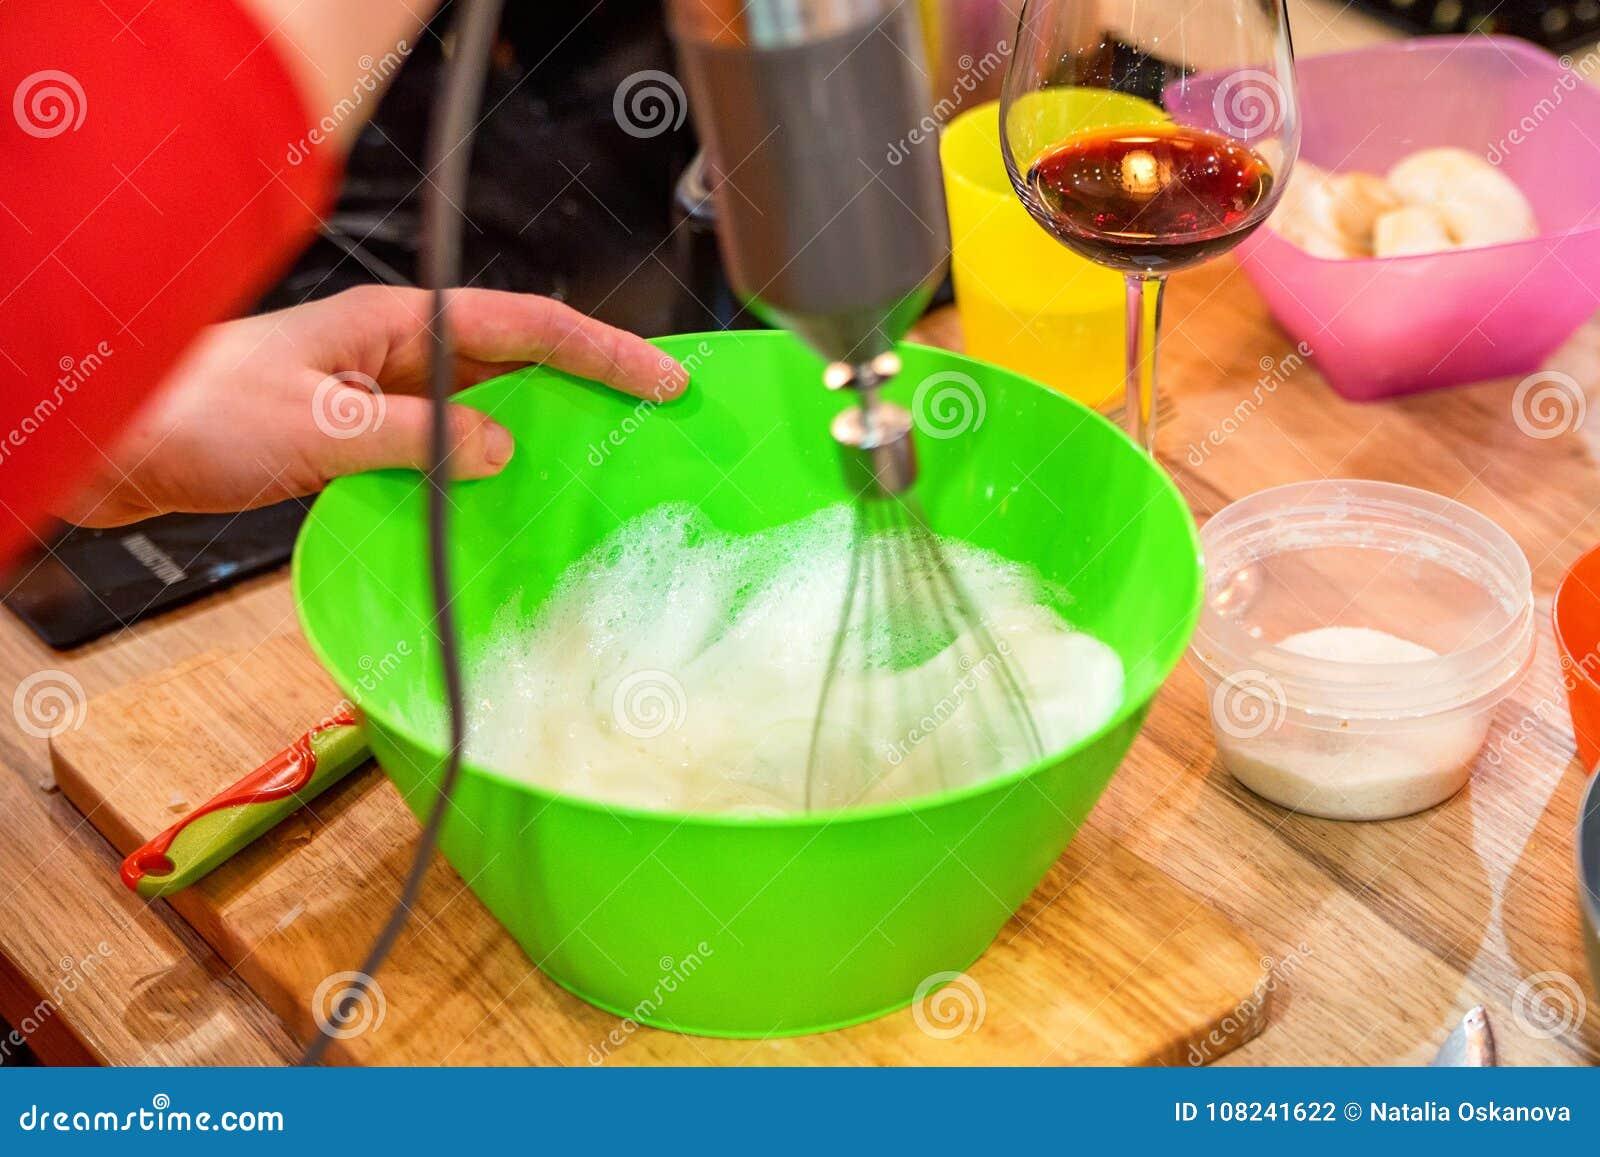 手鞭打在塑料碗关闭的鸡蛋